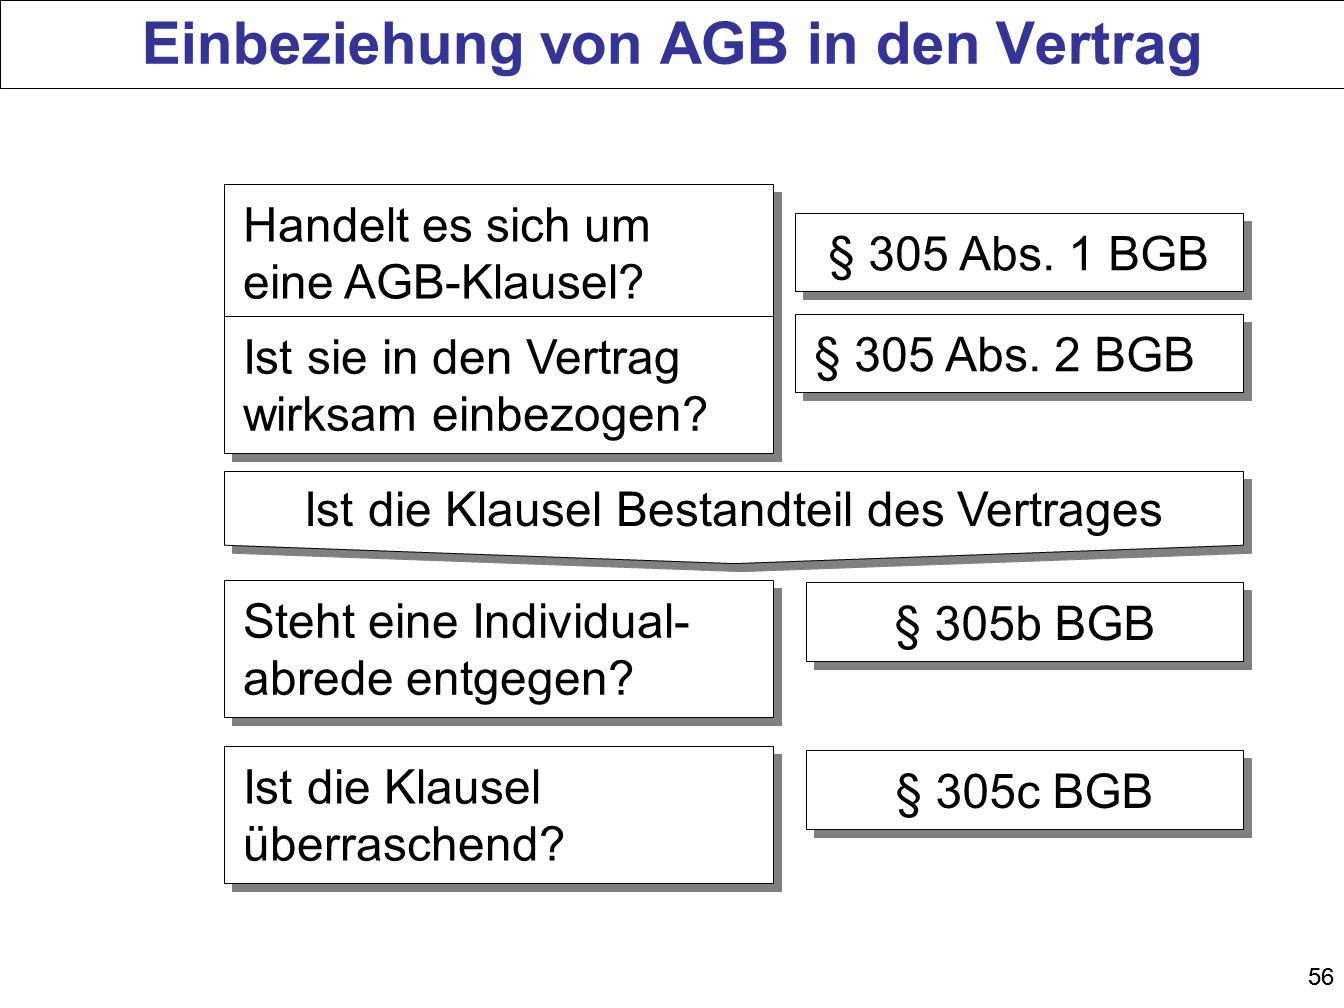 56 Einbeziehung von AGB in den Vertrag Handelt es sich um eine AGB-Klausel? § 305 Abs. 1 BGB Ist sie in den Vertrag wirksam einbezogen? § 305 Abs. 2 B